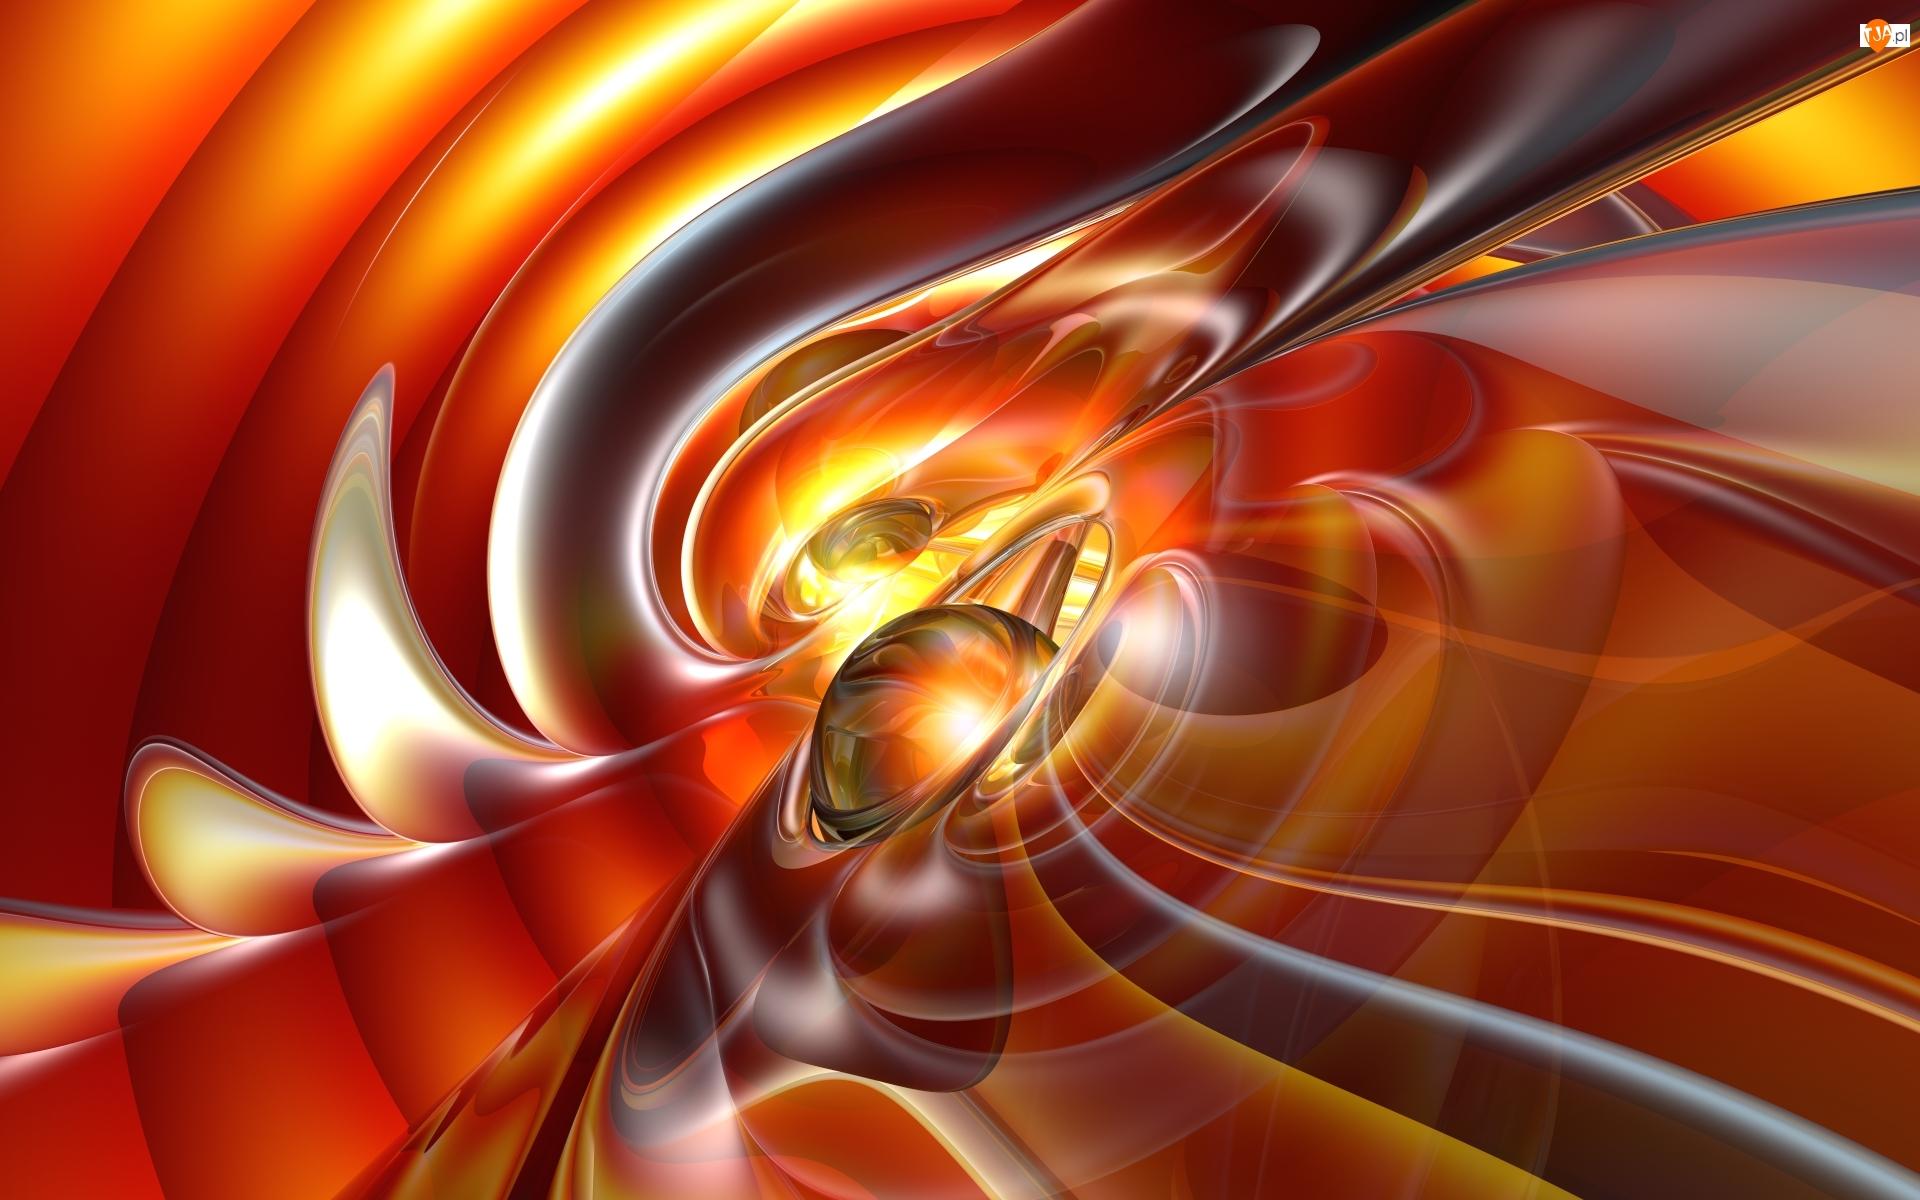 Abstrakcja, Grafika 3D, Pomarańczowo-żółta